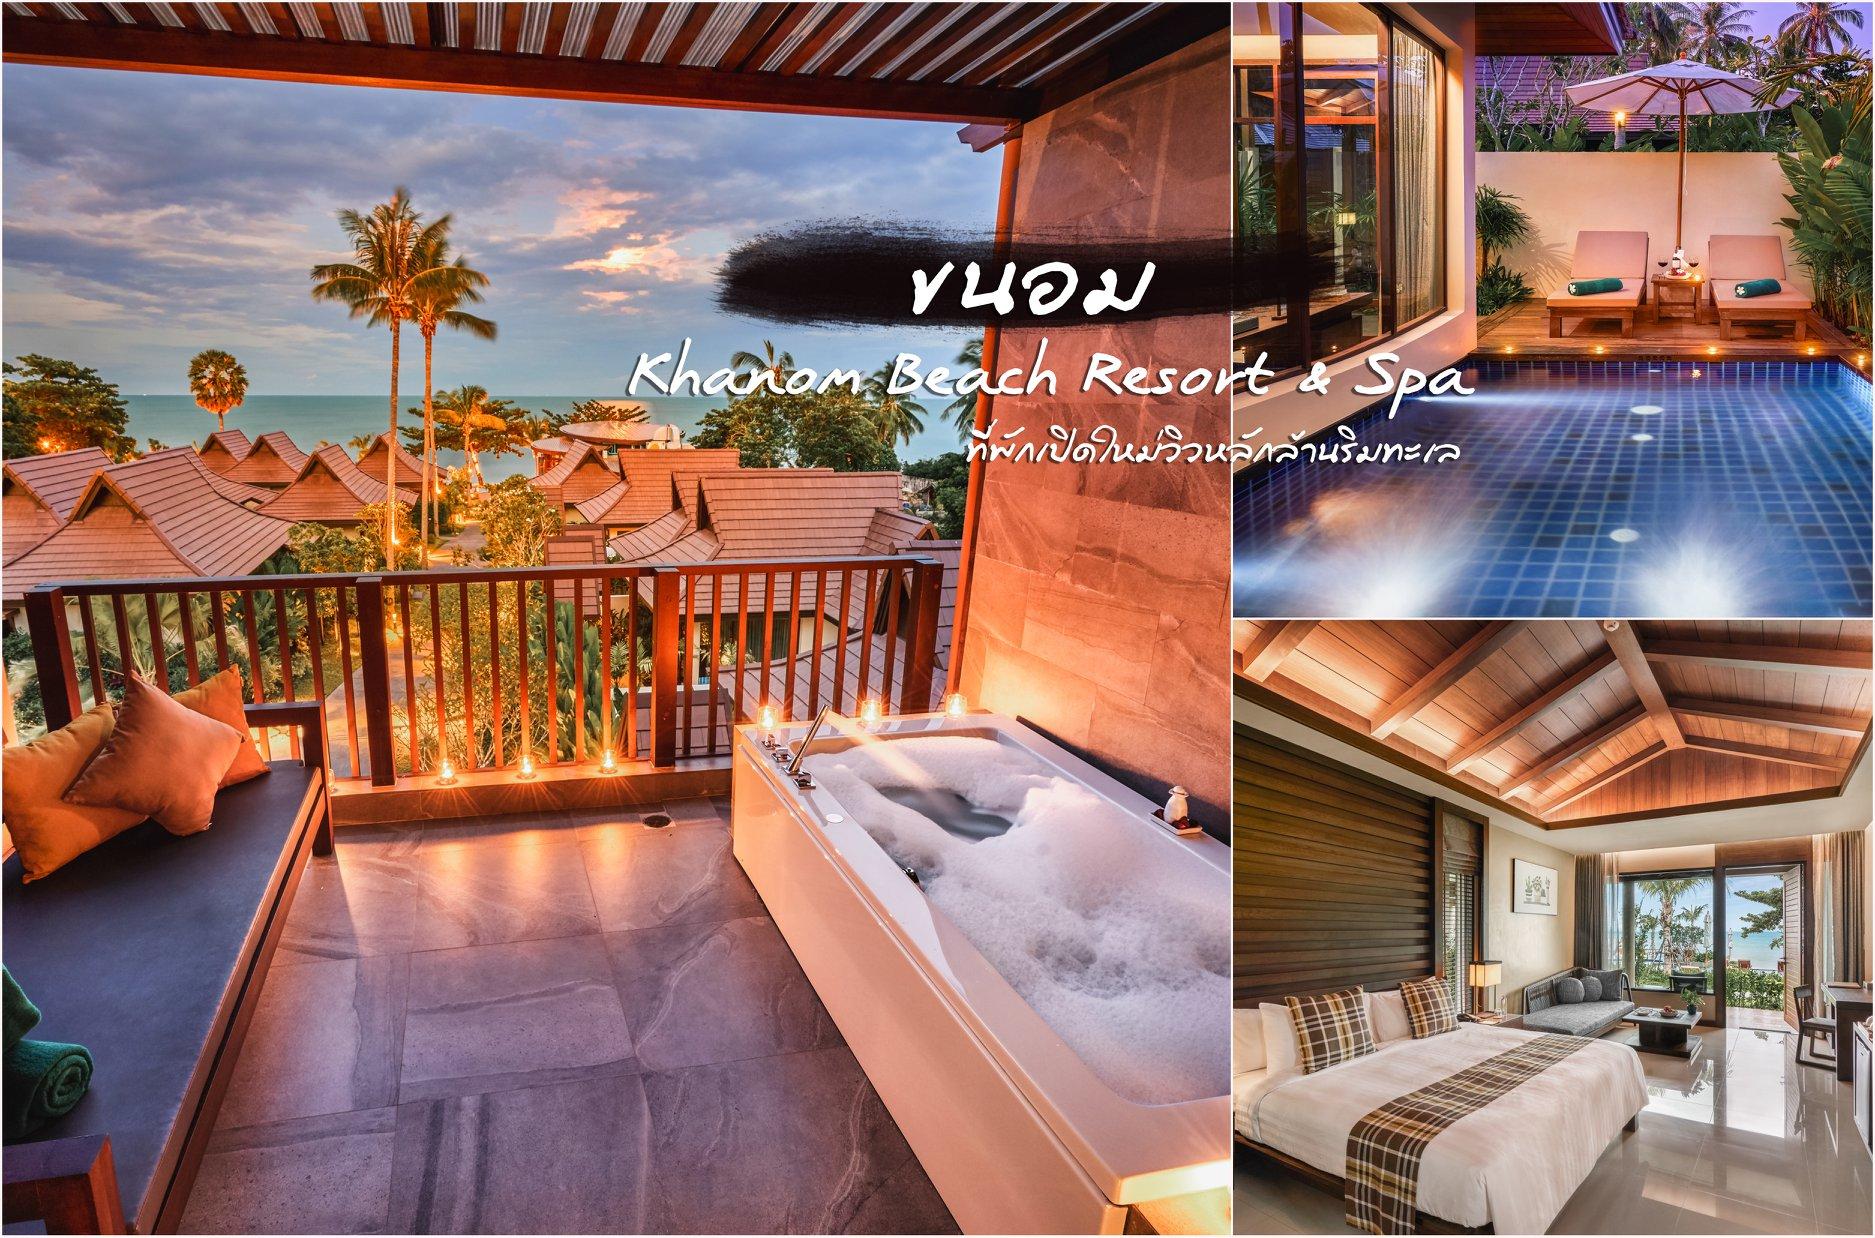 Khanom Beach Resort and Spa ที่พักริมทะเลสุดหรู ขนอมบีช รีสอร์ท แอนด์สปา  นครศรีธรรมราช สวยวิวหลักล้าน